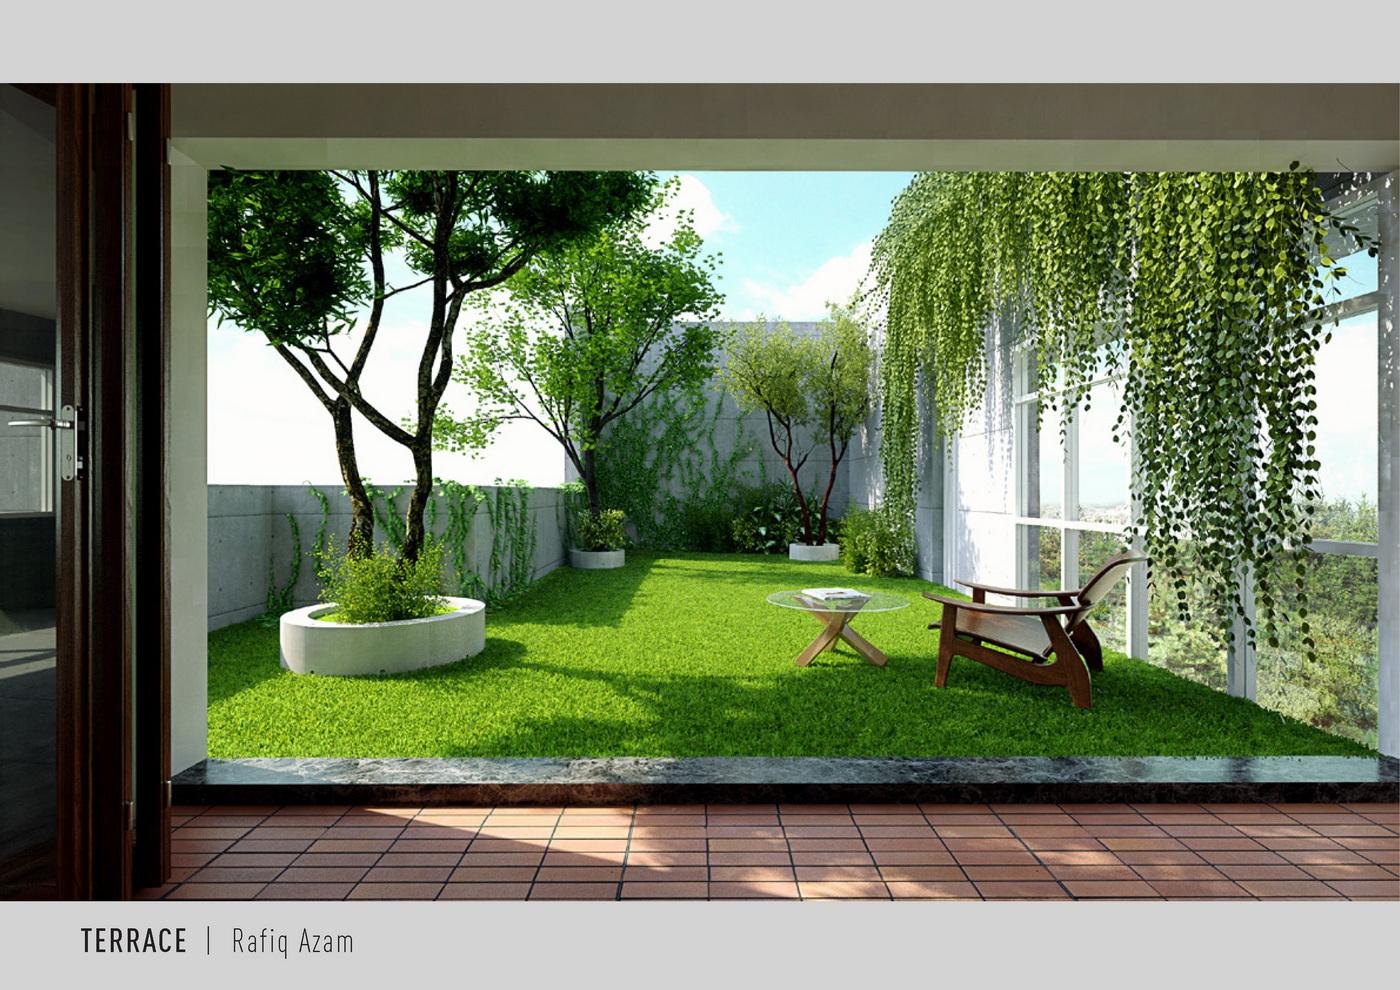 Terrace for Shanta properties